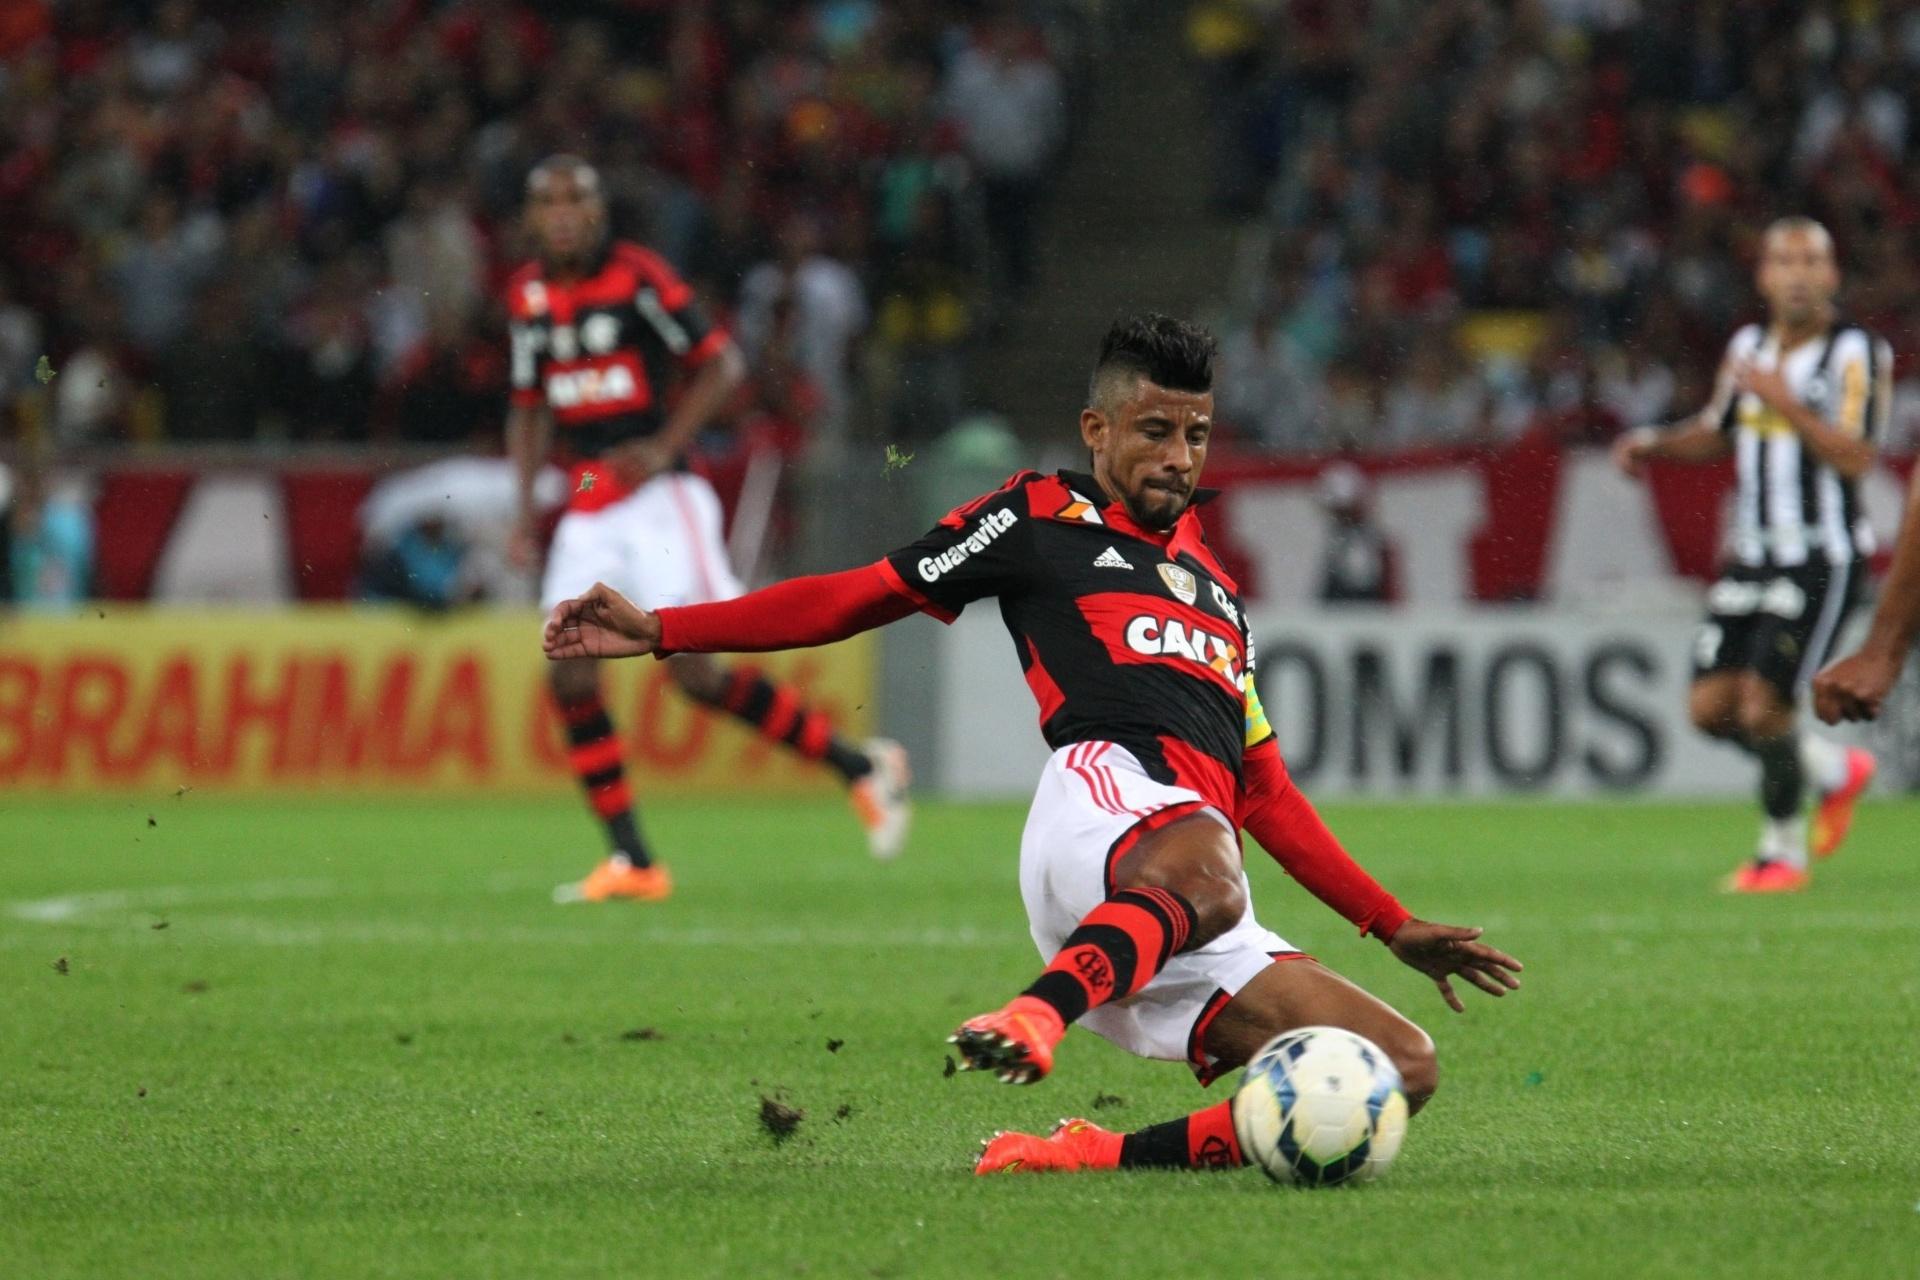 Leo Moura dá um carrinho para recuperar a bola no jogo contra o Botafogo - 27 julho 2014